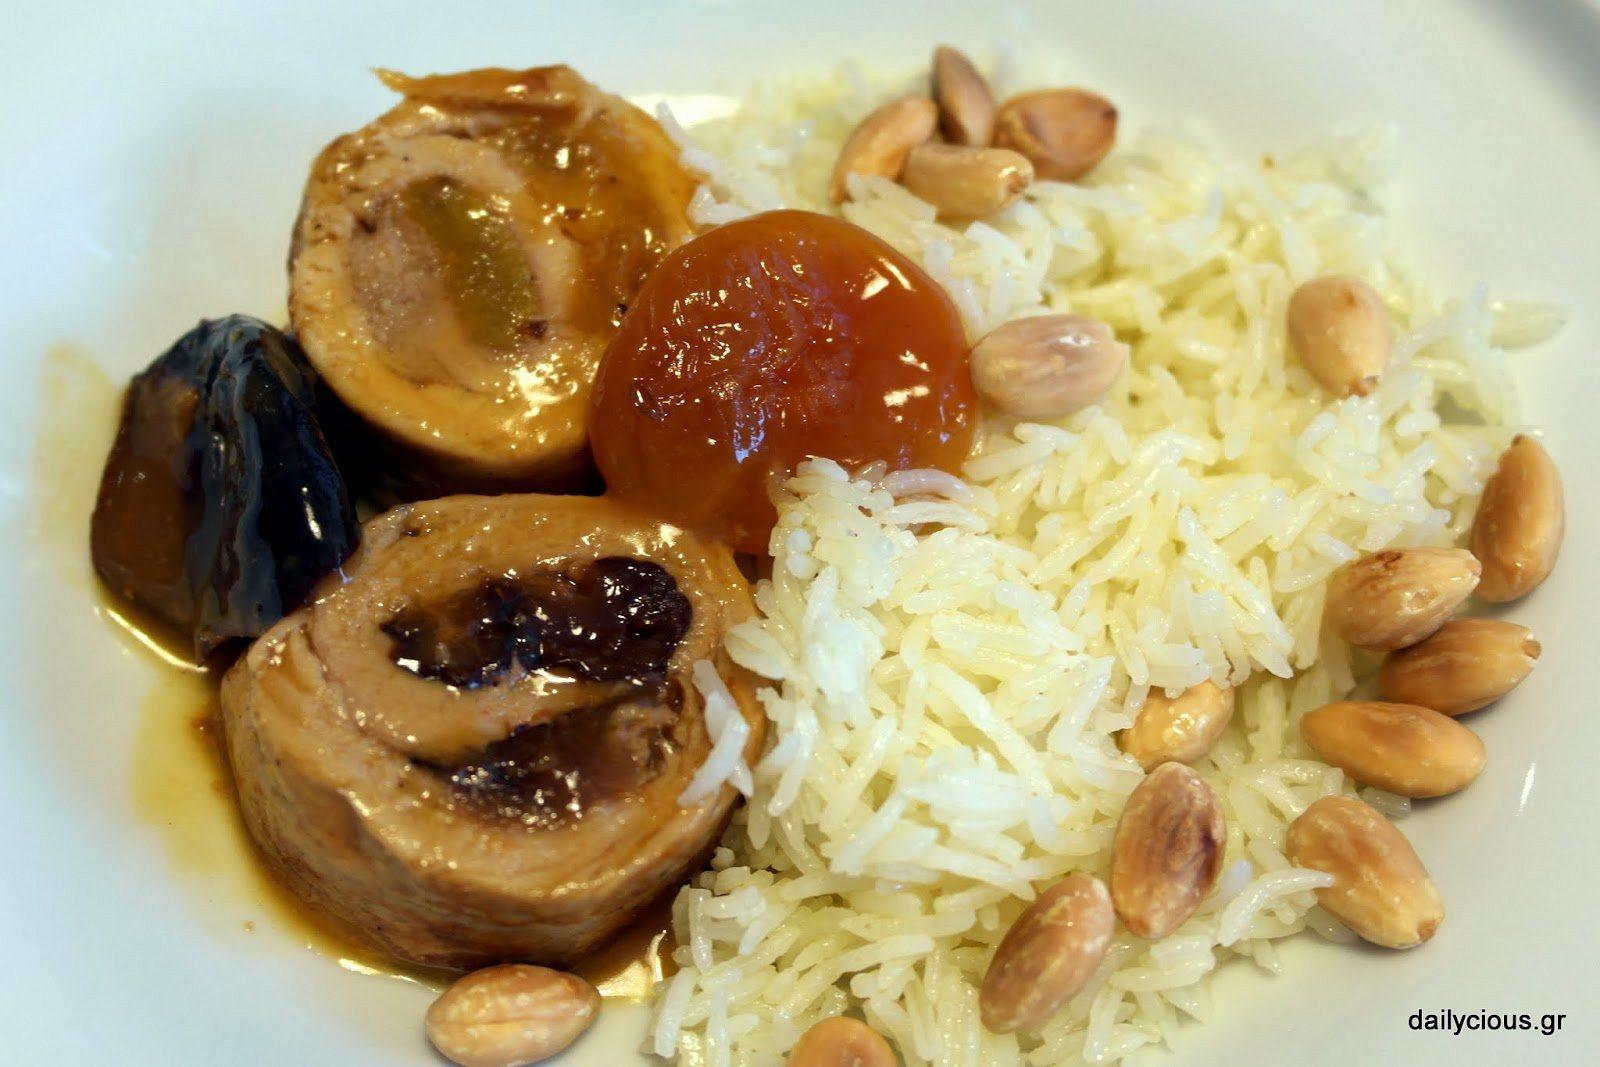 Τα σερβίρω ιδανικά με ρύζι basmati.